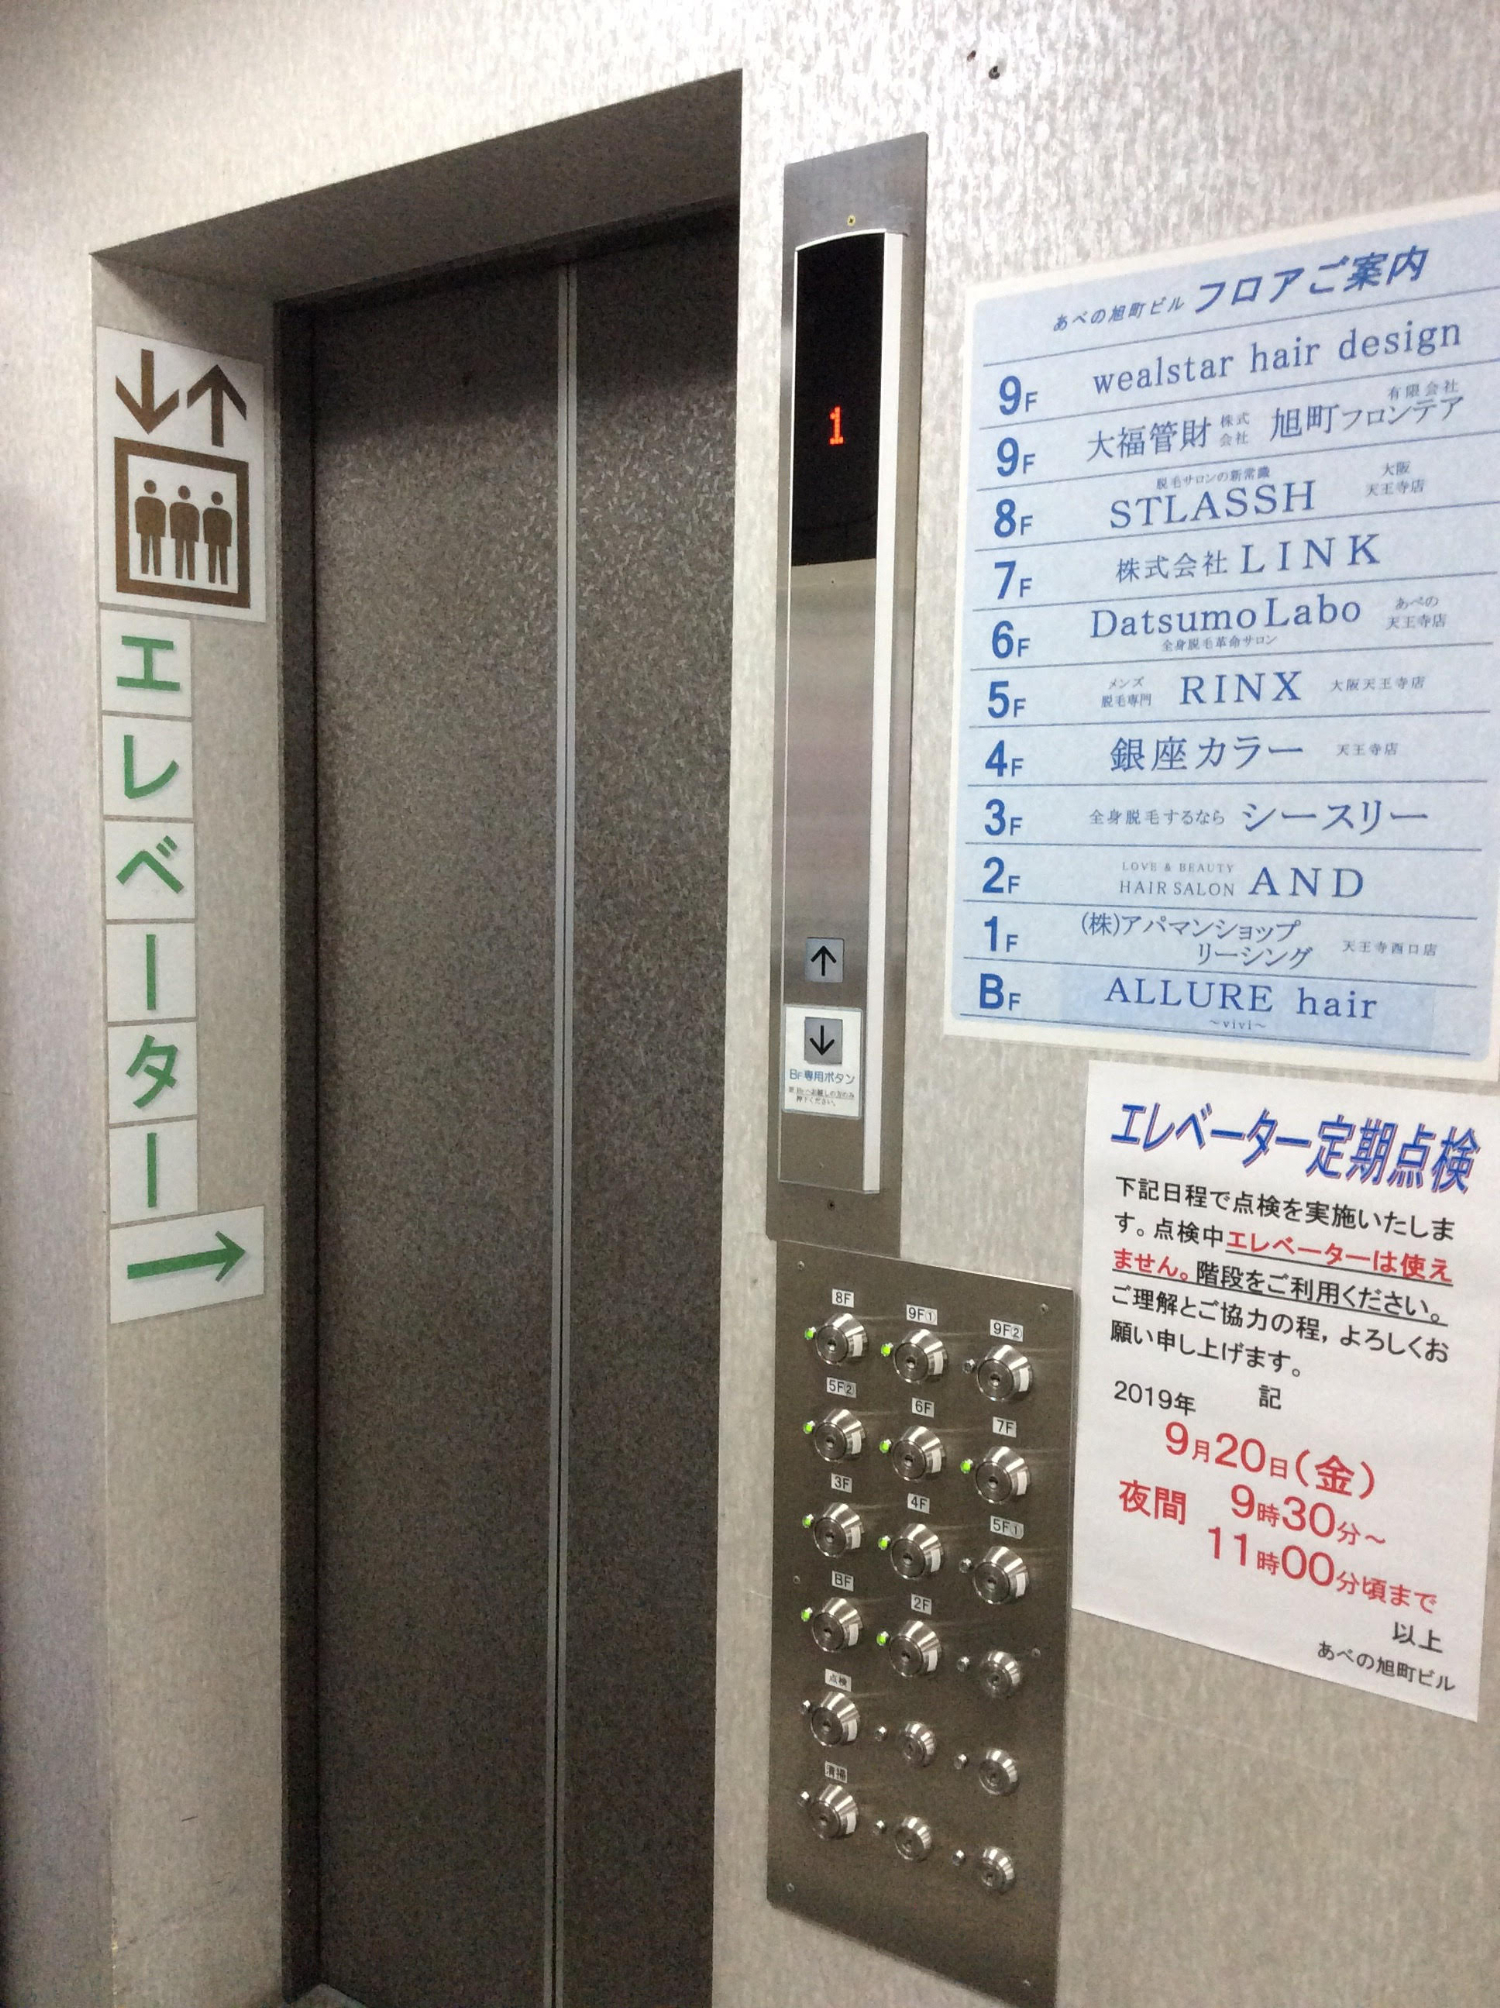 8.正面の入口よりビルに入っていただき、右手のエレベーターにて6階までおあがりください。